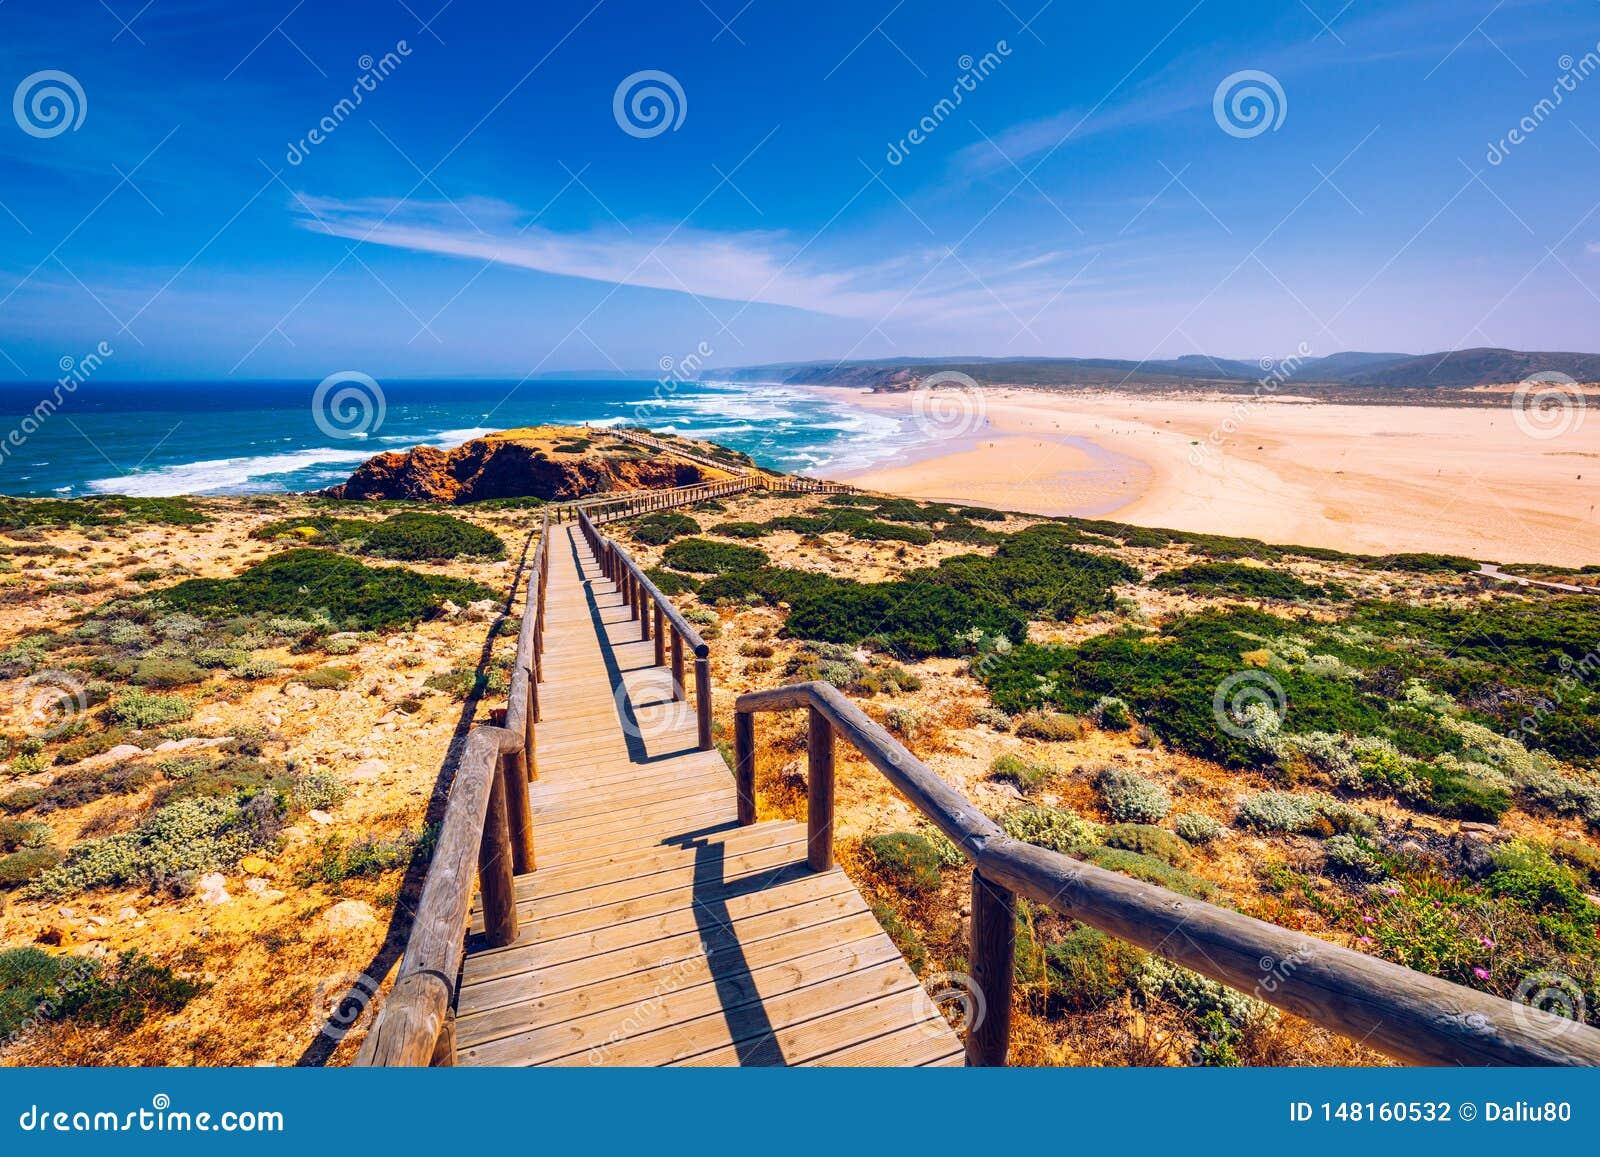 Praia DA Bordeira und Promenaden, die Teil der Spur von Gezeiten oder von Weg Pontal DA Carrapateira in Portugal darstellen r